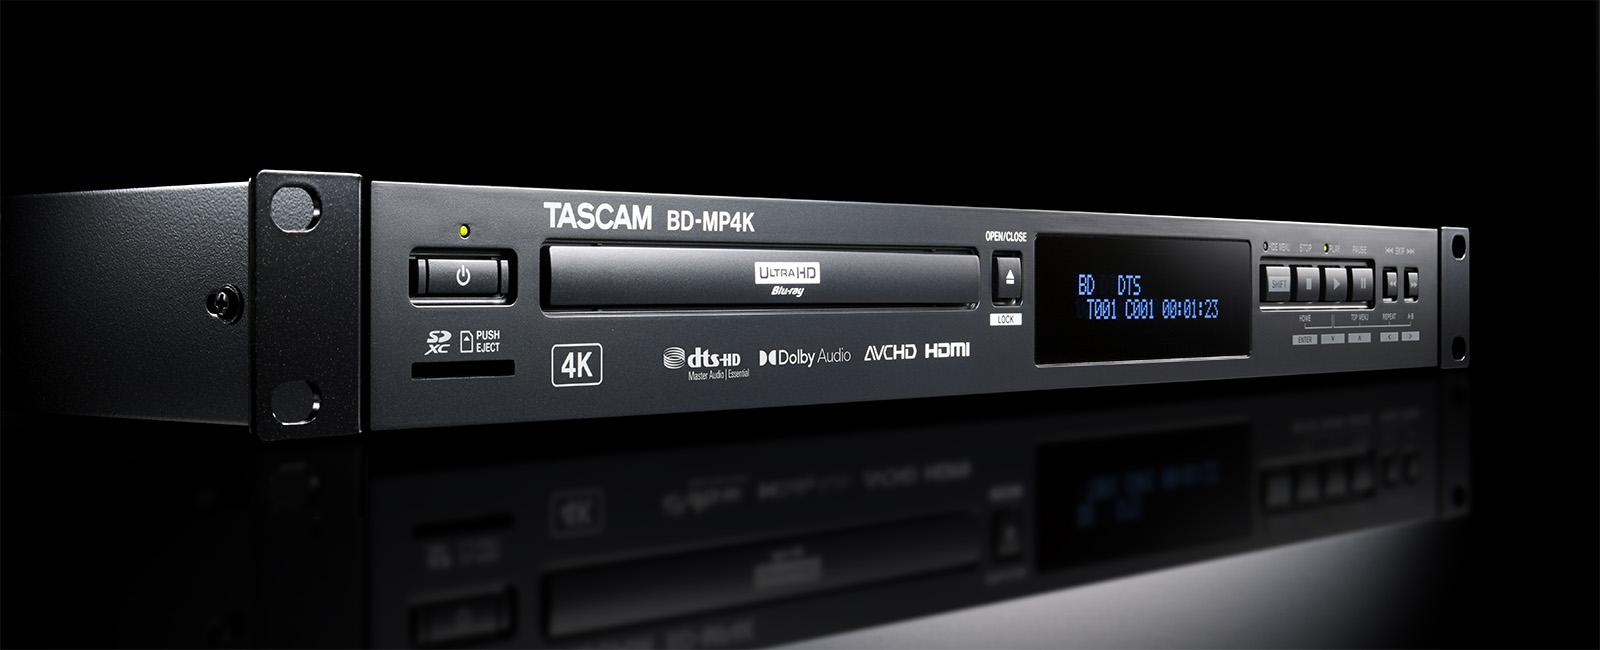 Nuevo reproductor de Blu-ray 4K UHD, te presentamos el BD-MP4K de Tascam